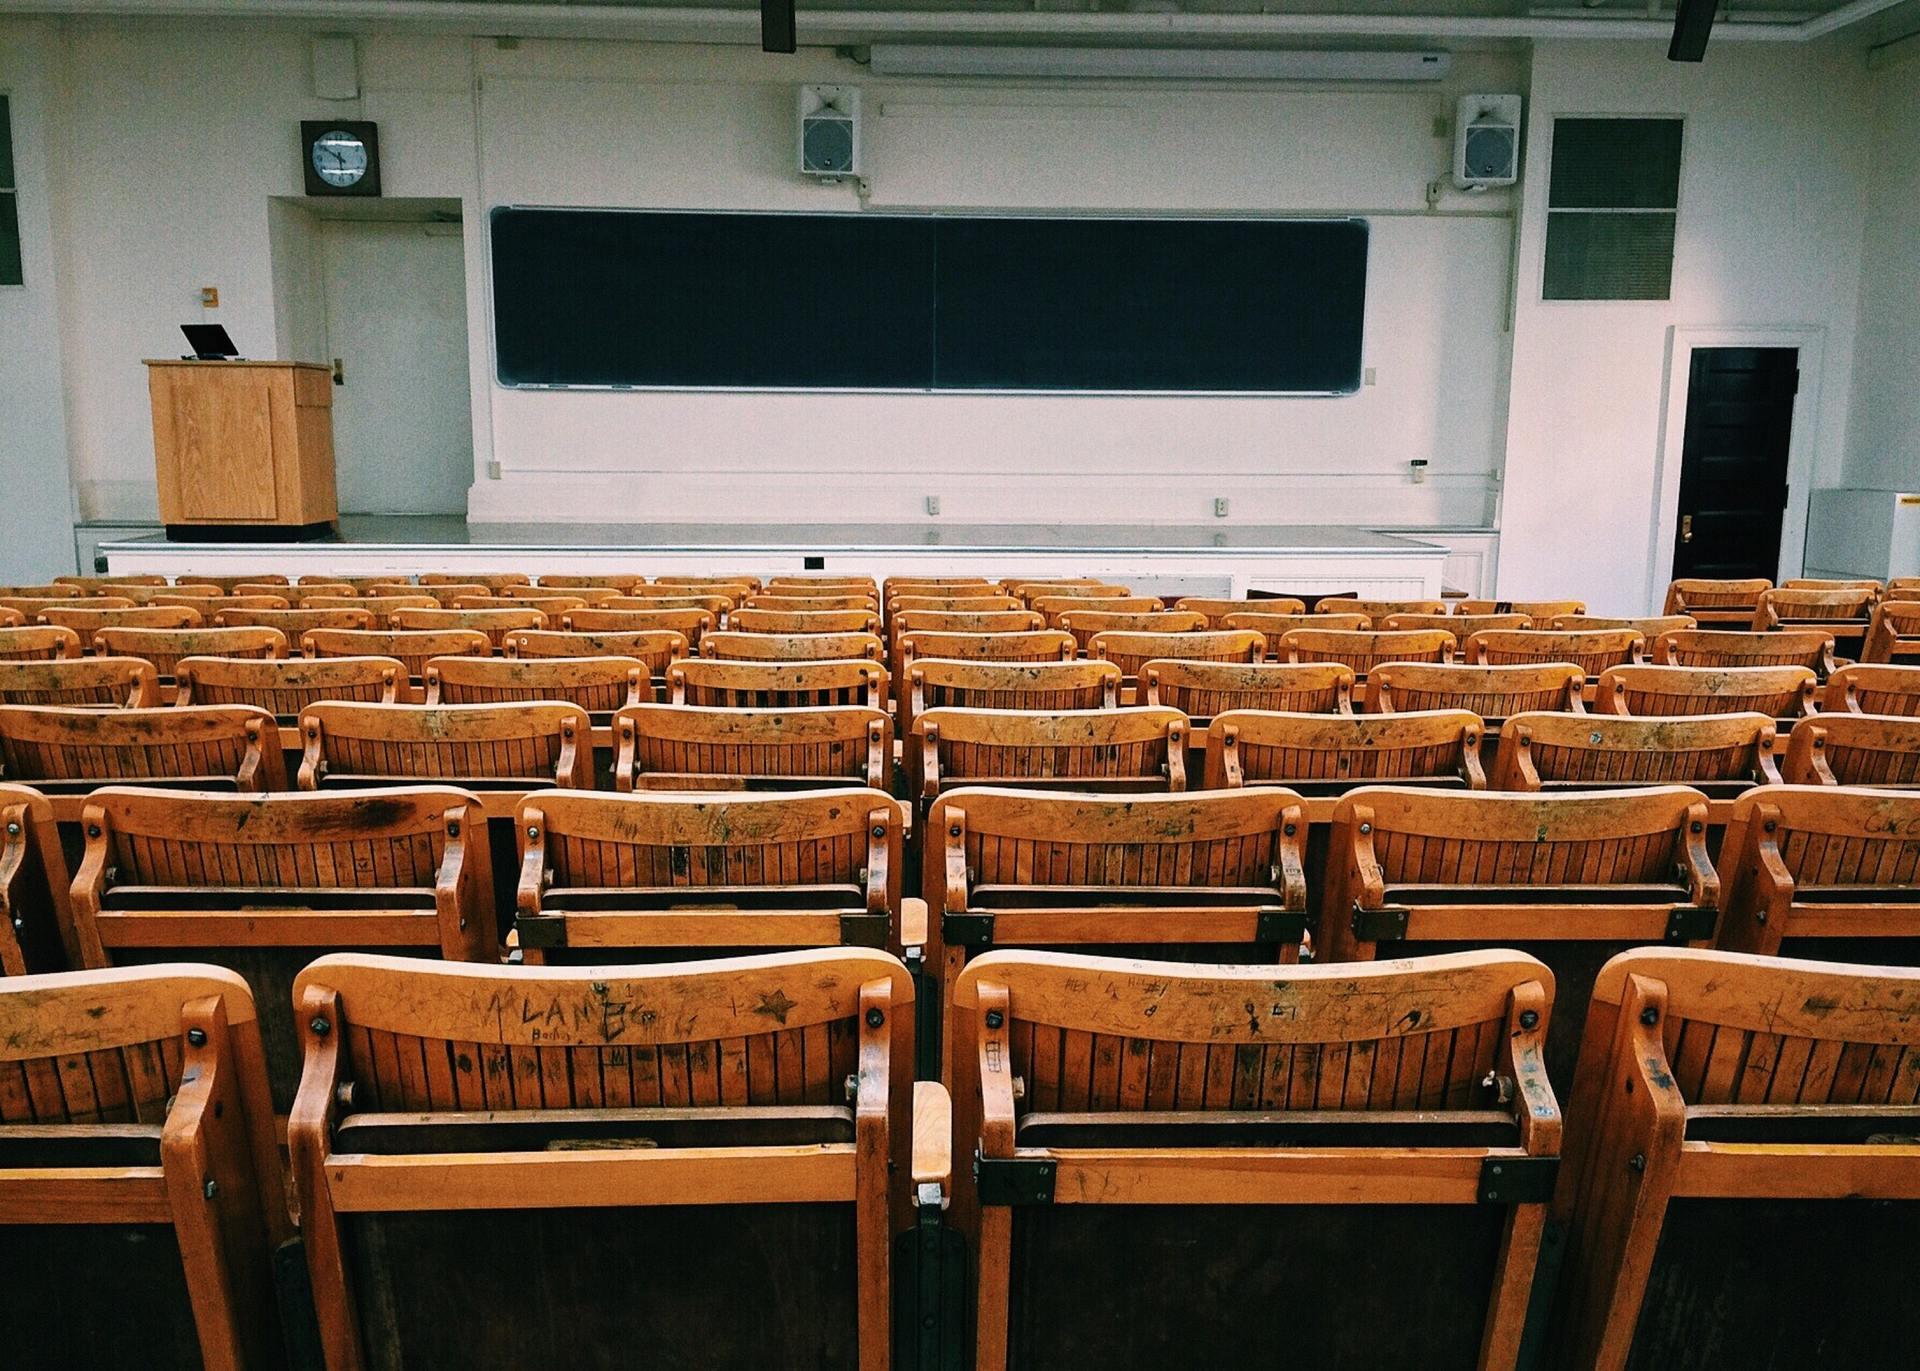 教师资格证竞争愈烈,教培行业能分得多少蛋糕?